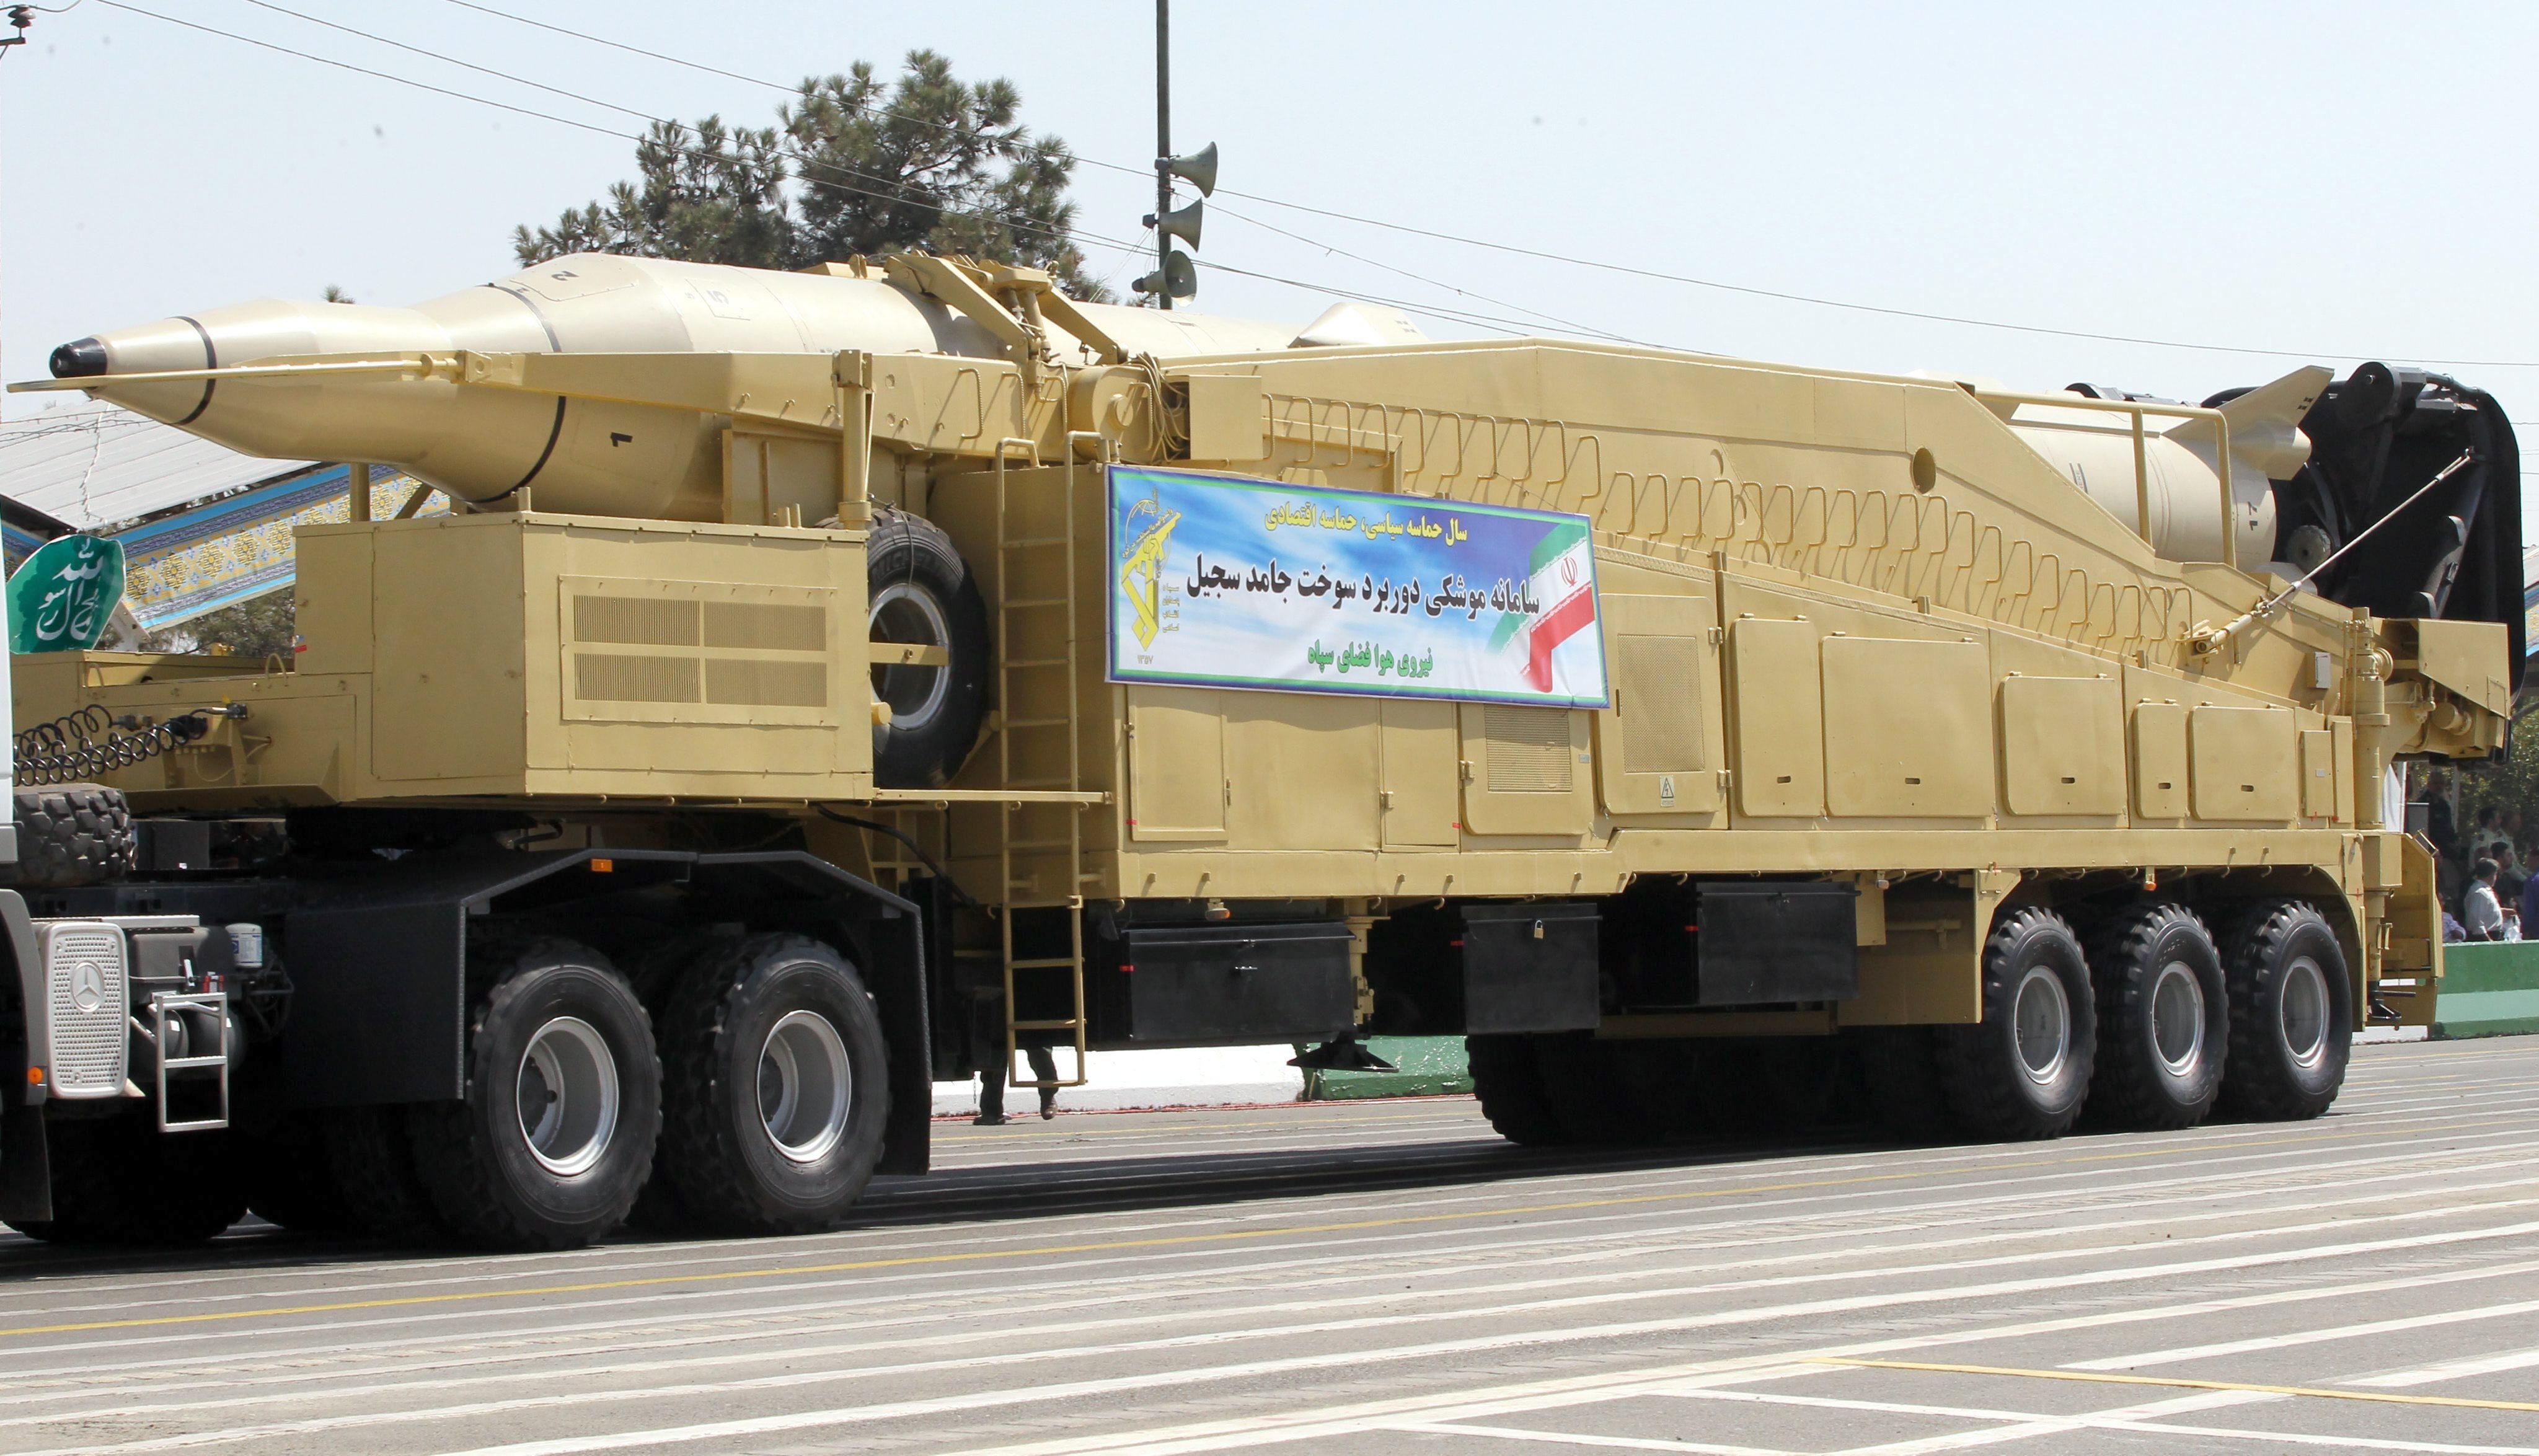 Los gastos militares mundiales aumentarán en 2014 por primera vez en cinco años